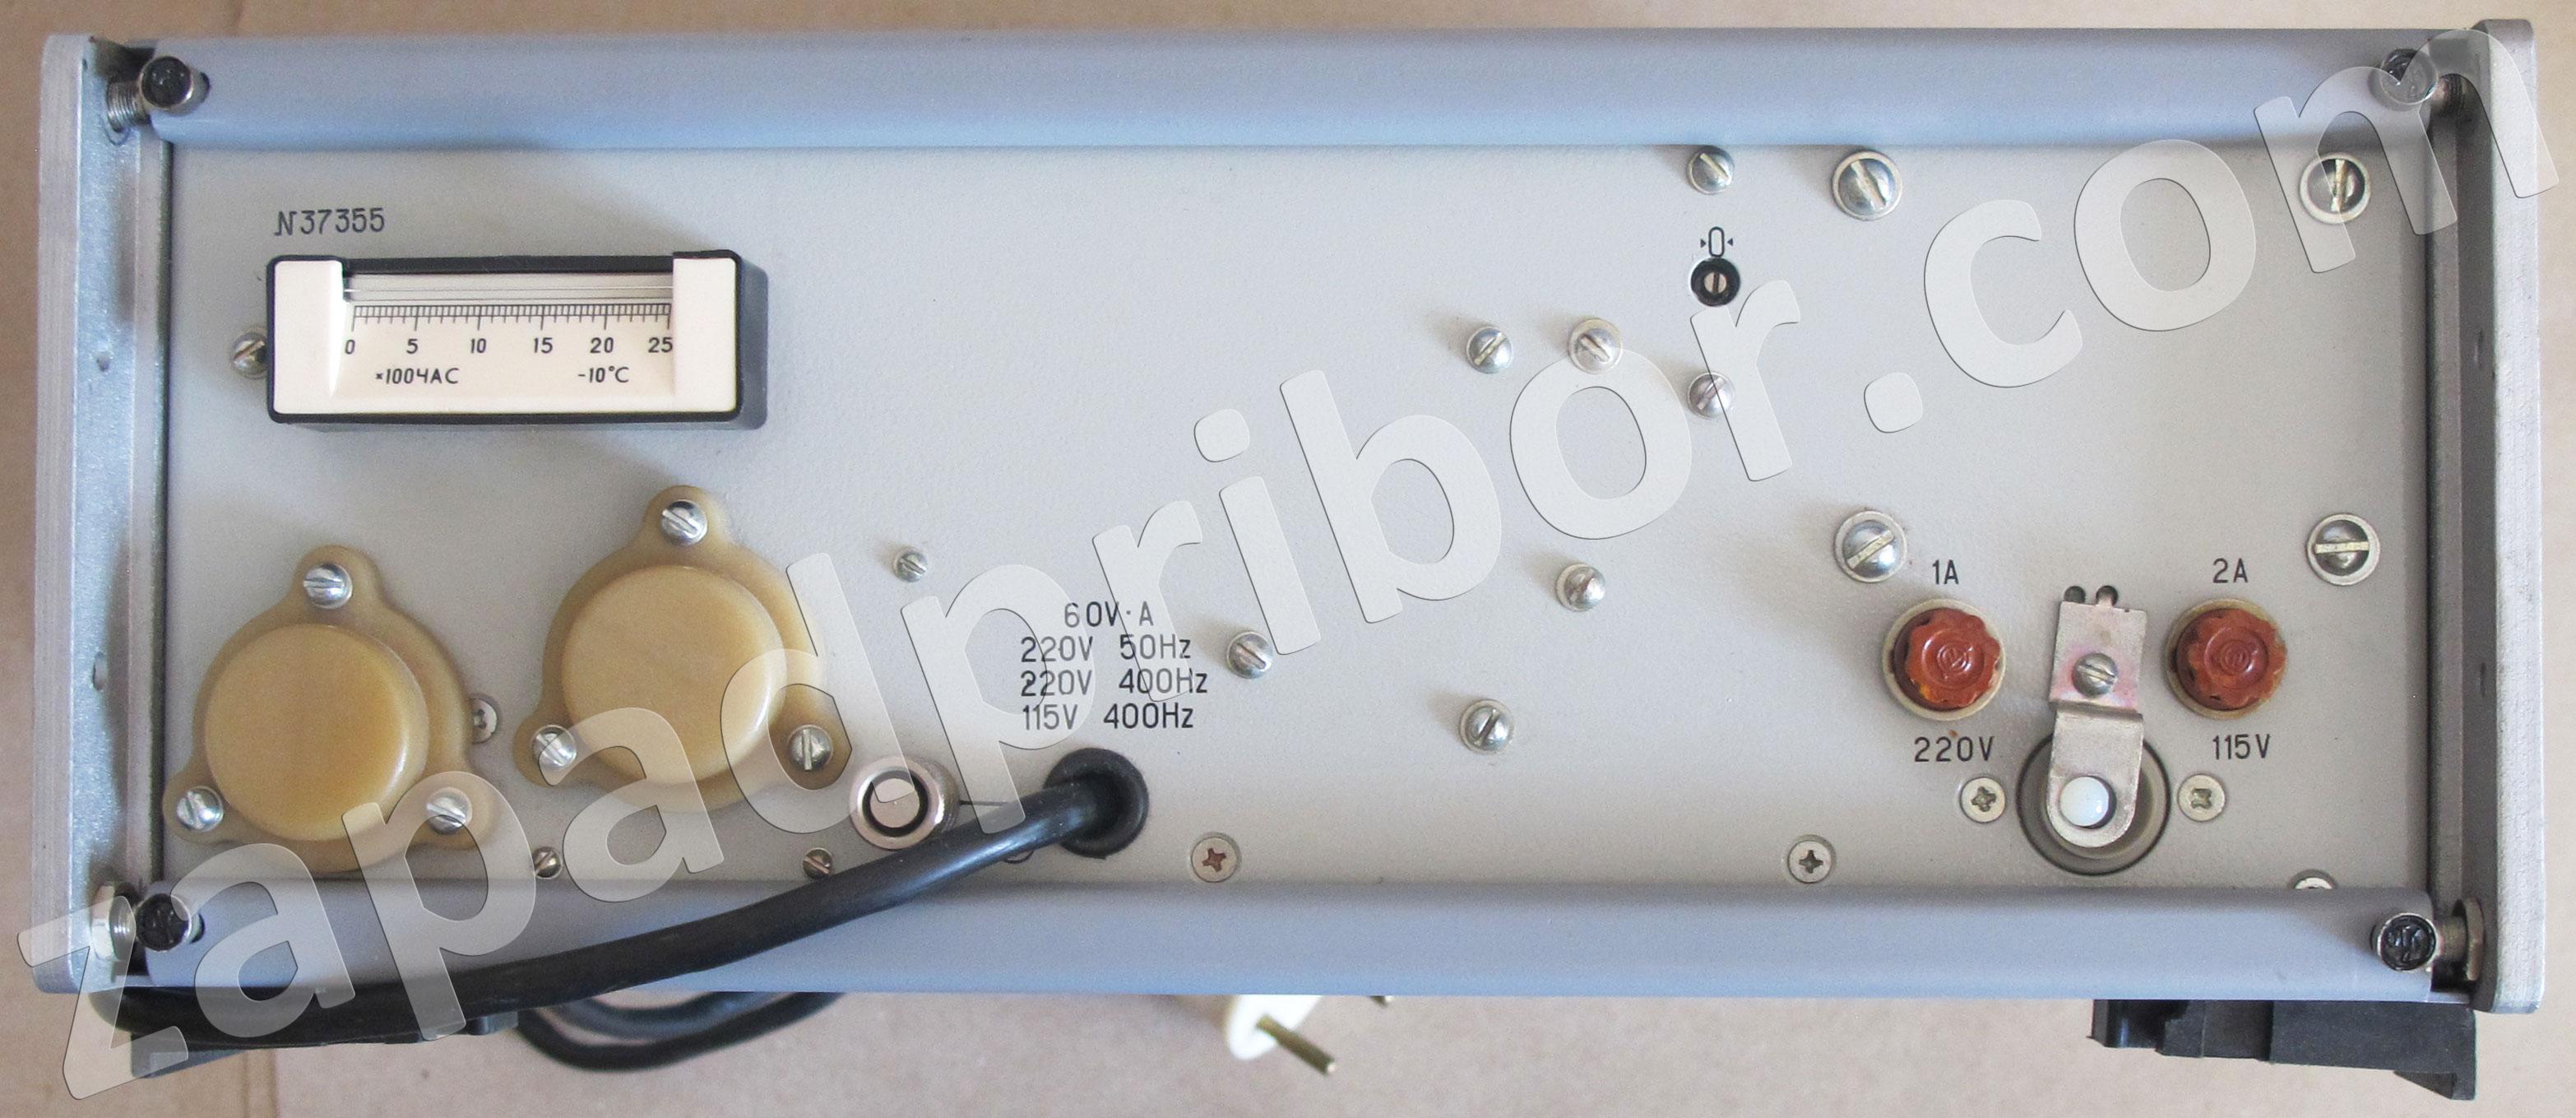 инструкция к генератору гз-112 1